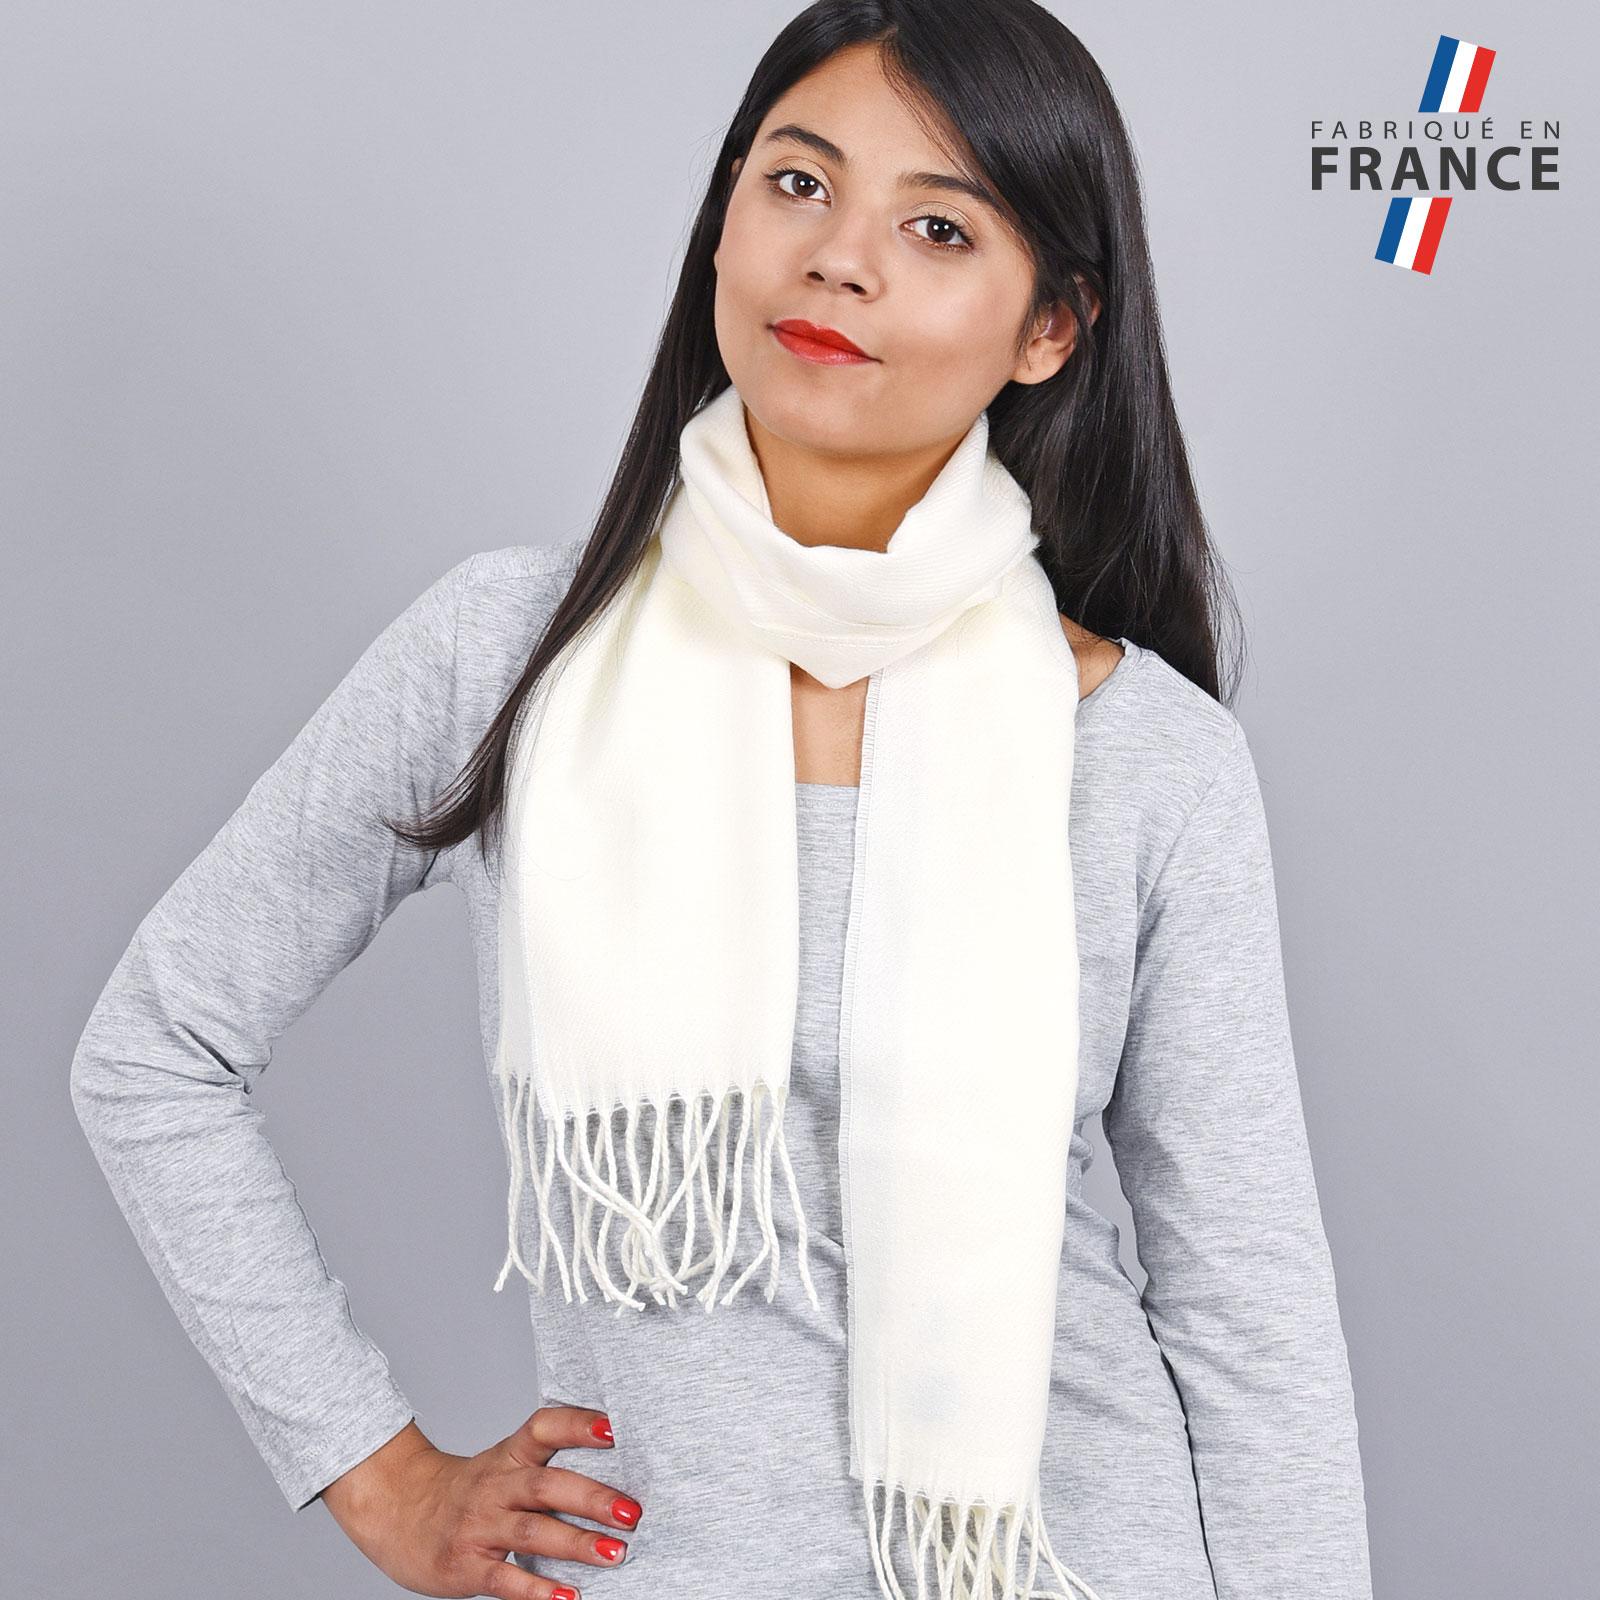 AT-03243-VF16-LB_FR-echarpe-franges-ecru-femme-fabrication-francaise